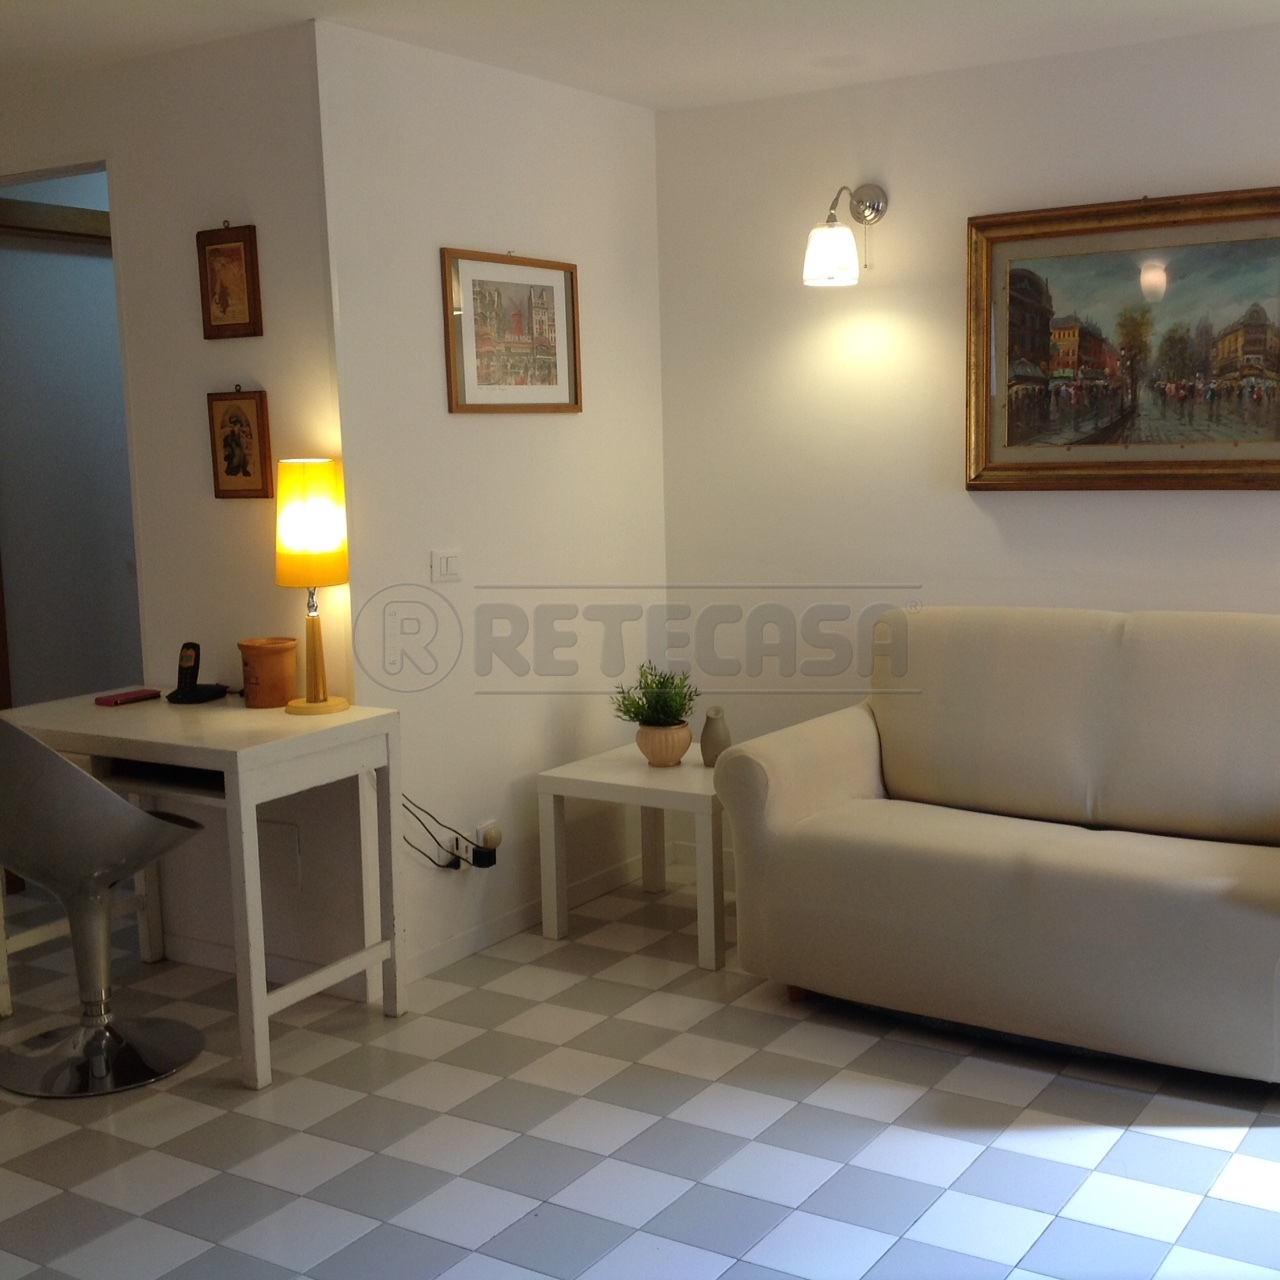 Appartamento in affitto a Ancona, 3 locali, prezzo € 430 | Cambio Casa.it